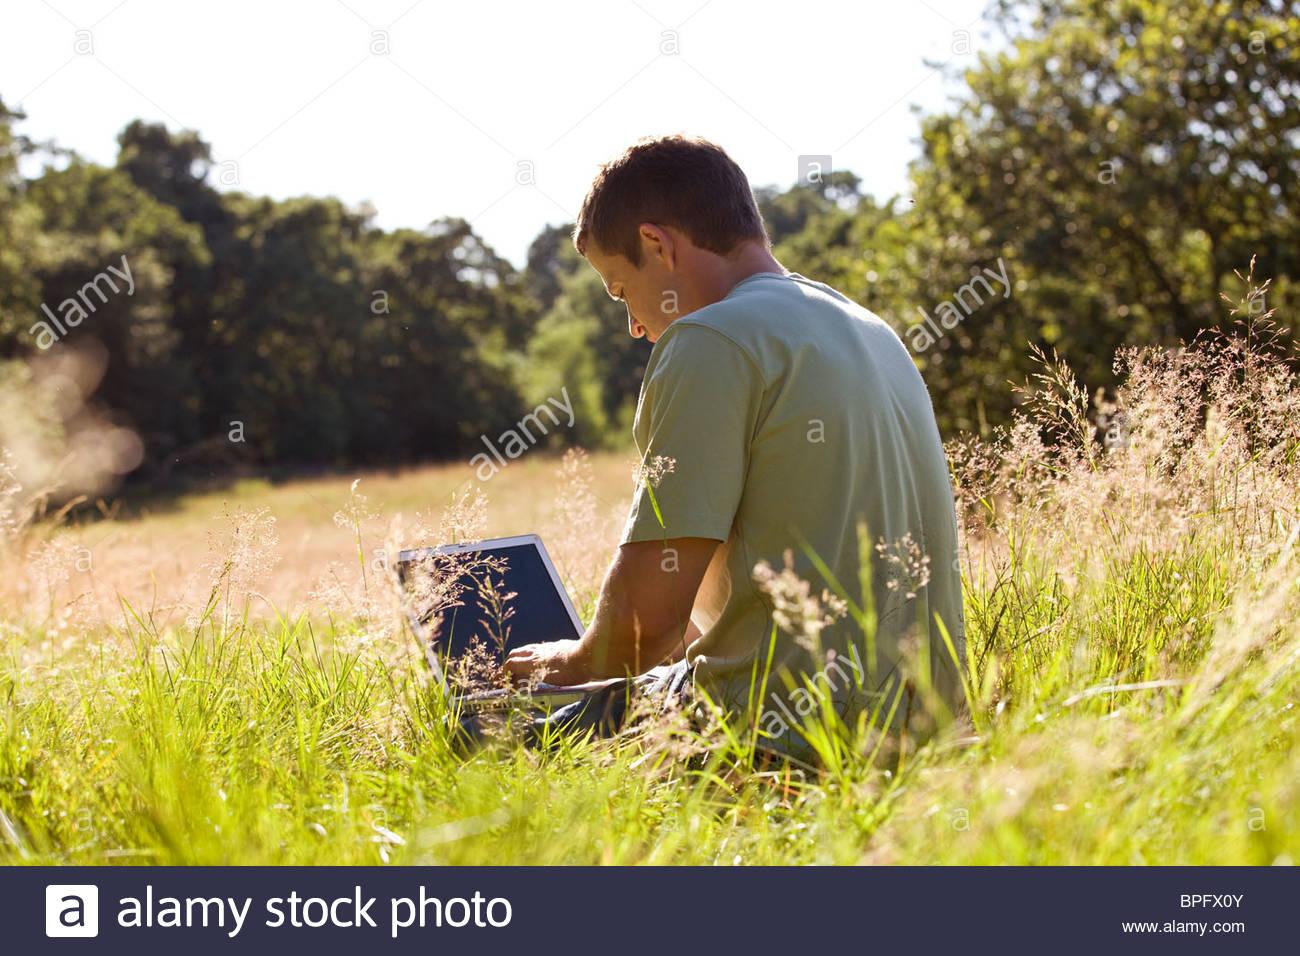 Un giovane uomo seduto sull'erba, usando un computer portatile Immagini Stock